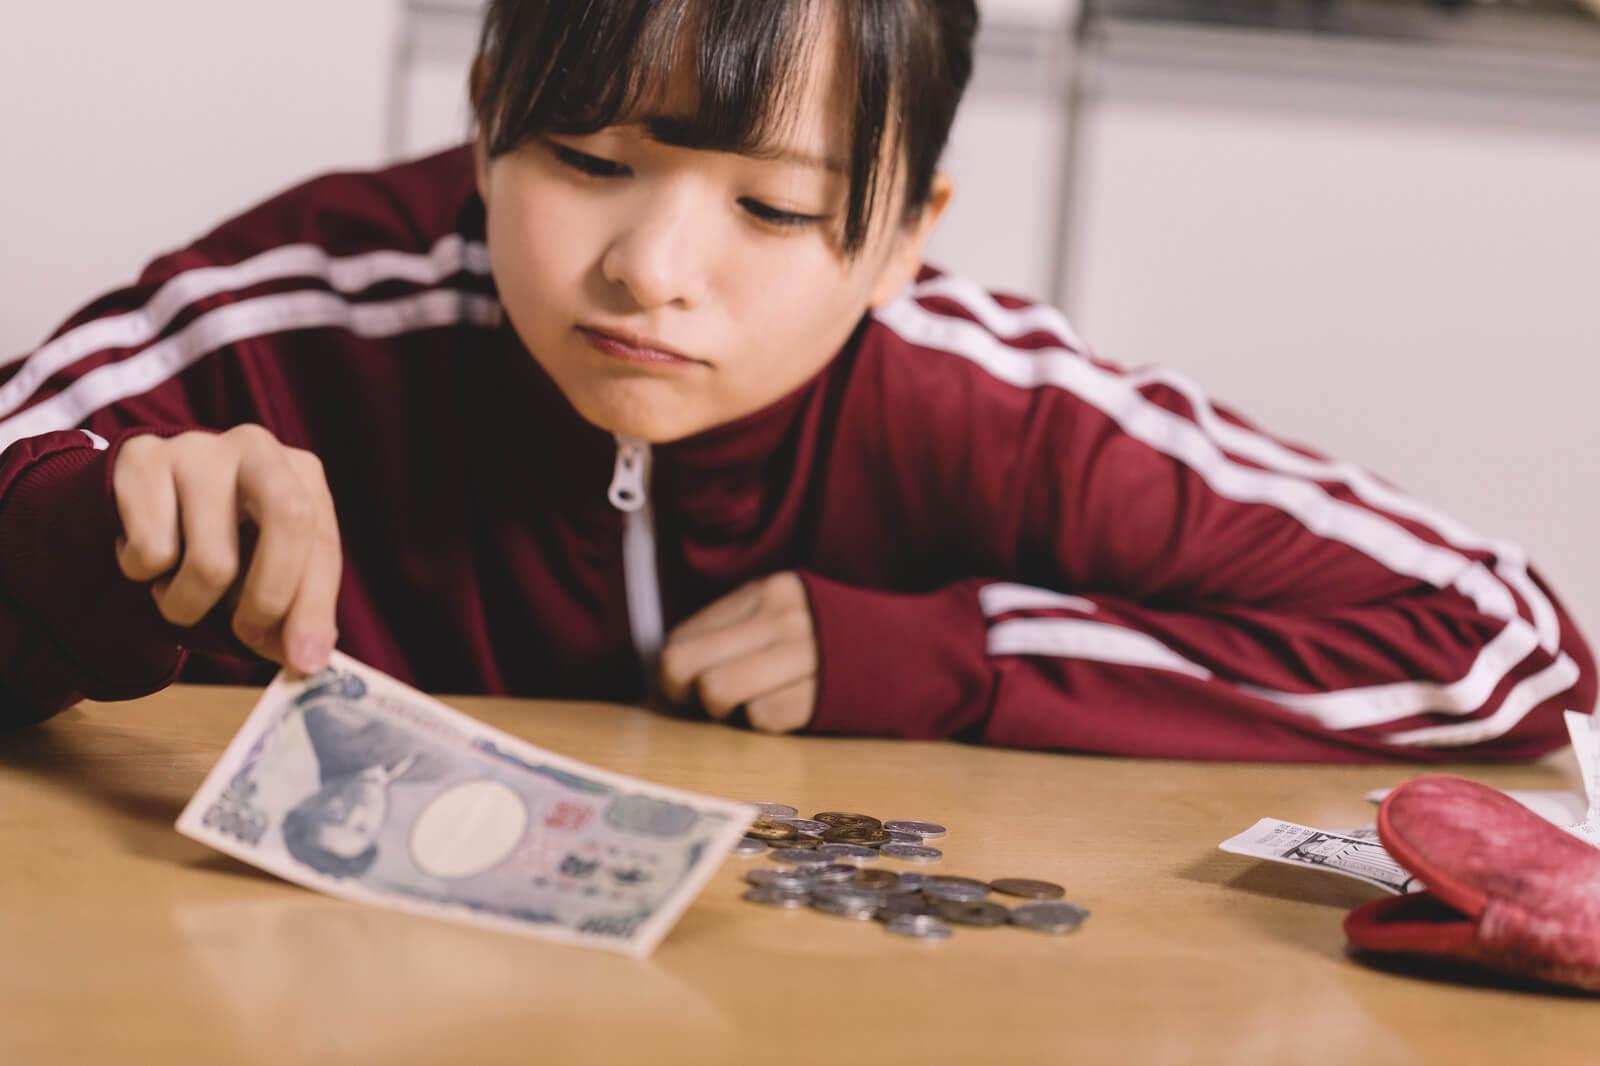 金欠に苦しむ貧困女子 [モデル:千歳]